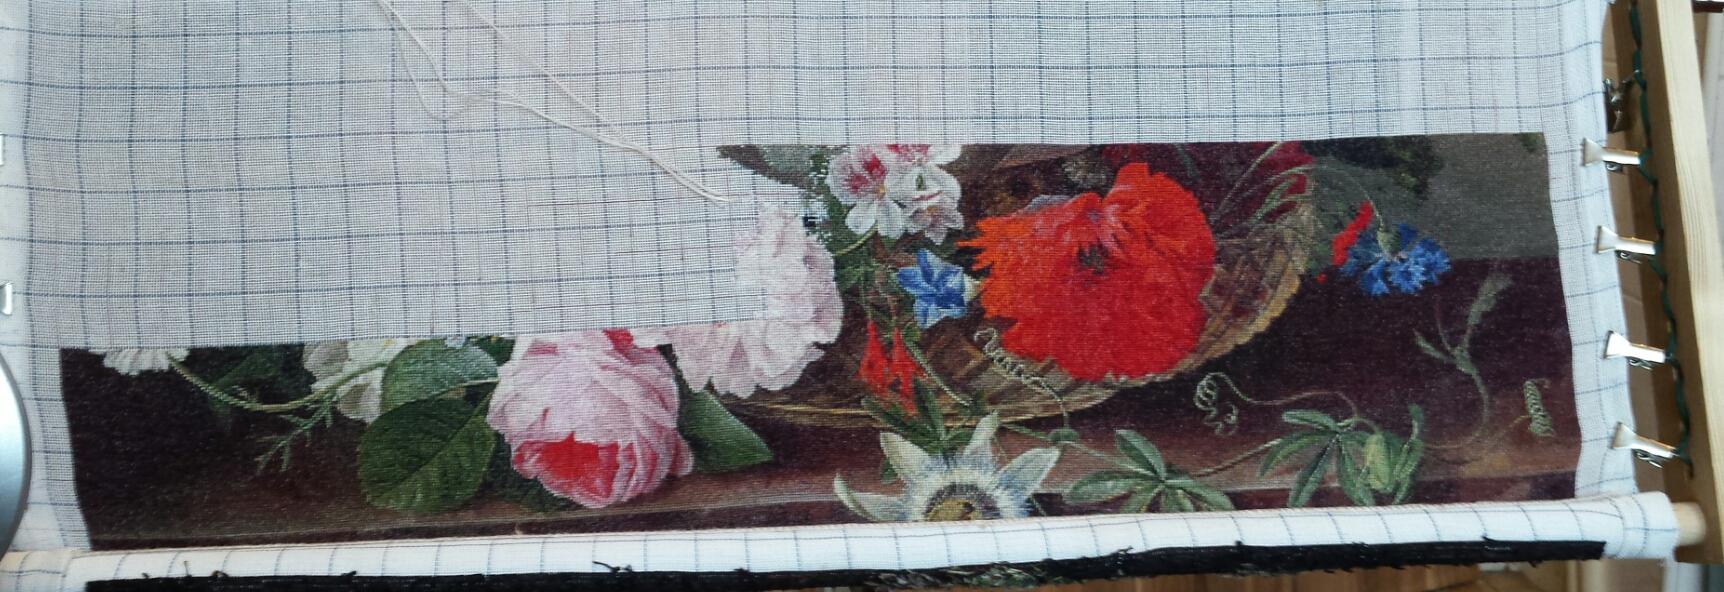 http://images.vfl.ru/ii/1542444142/44dc4f42/24234863.jpg